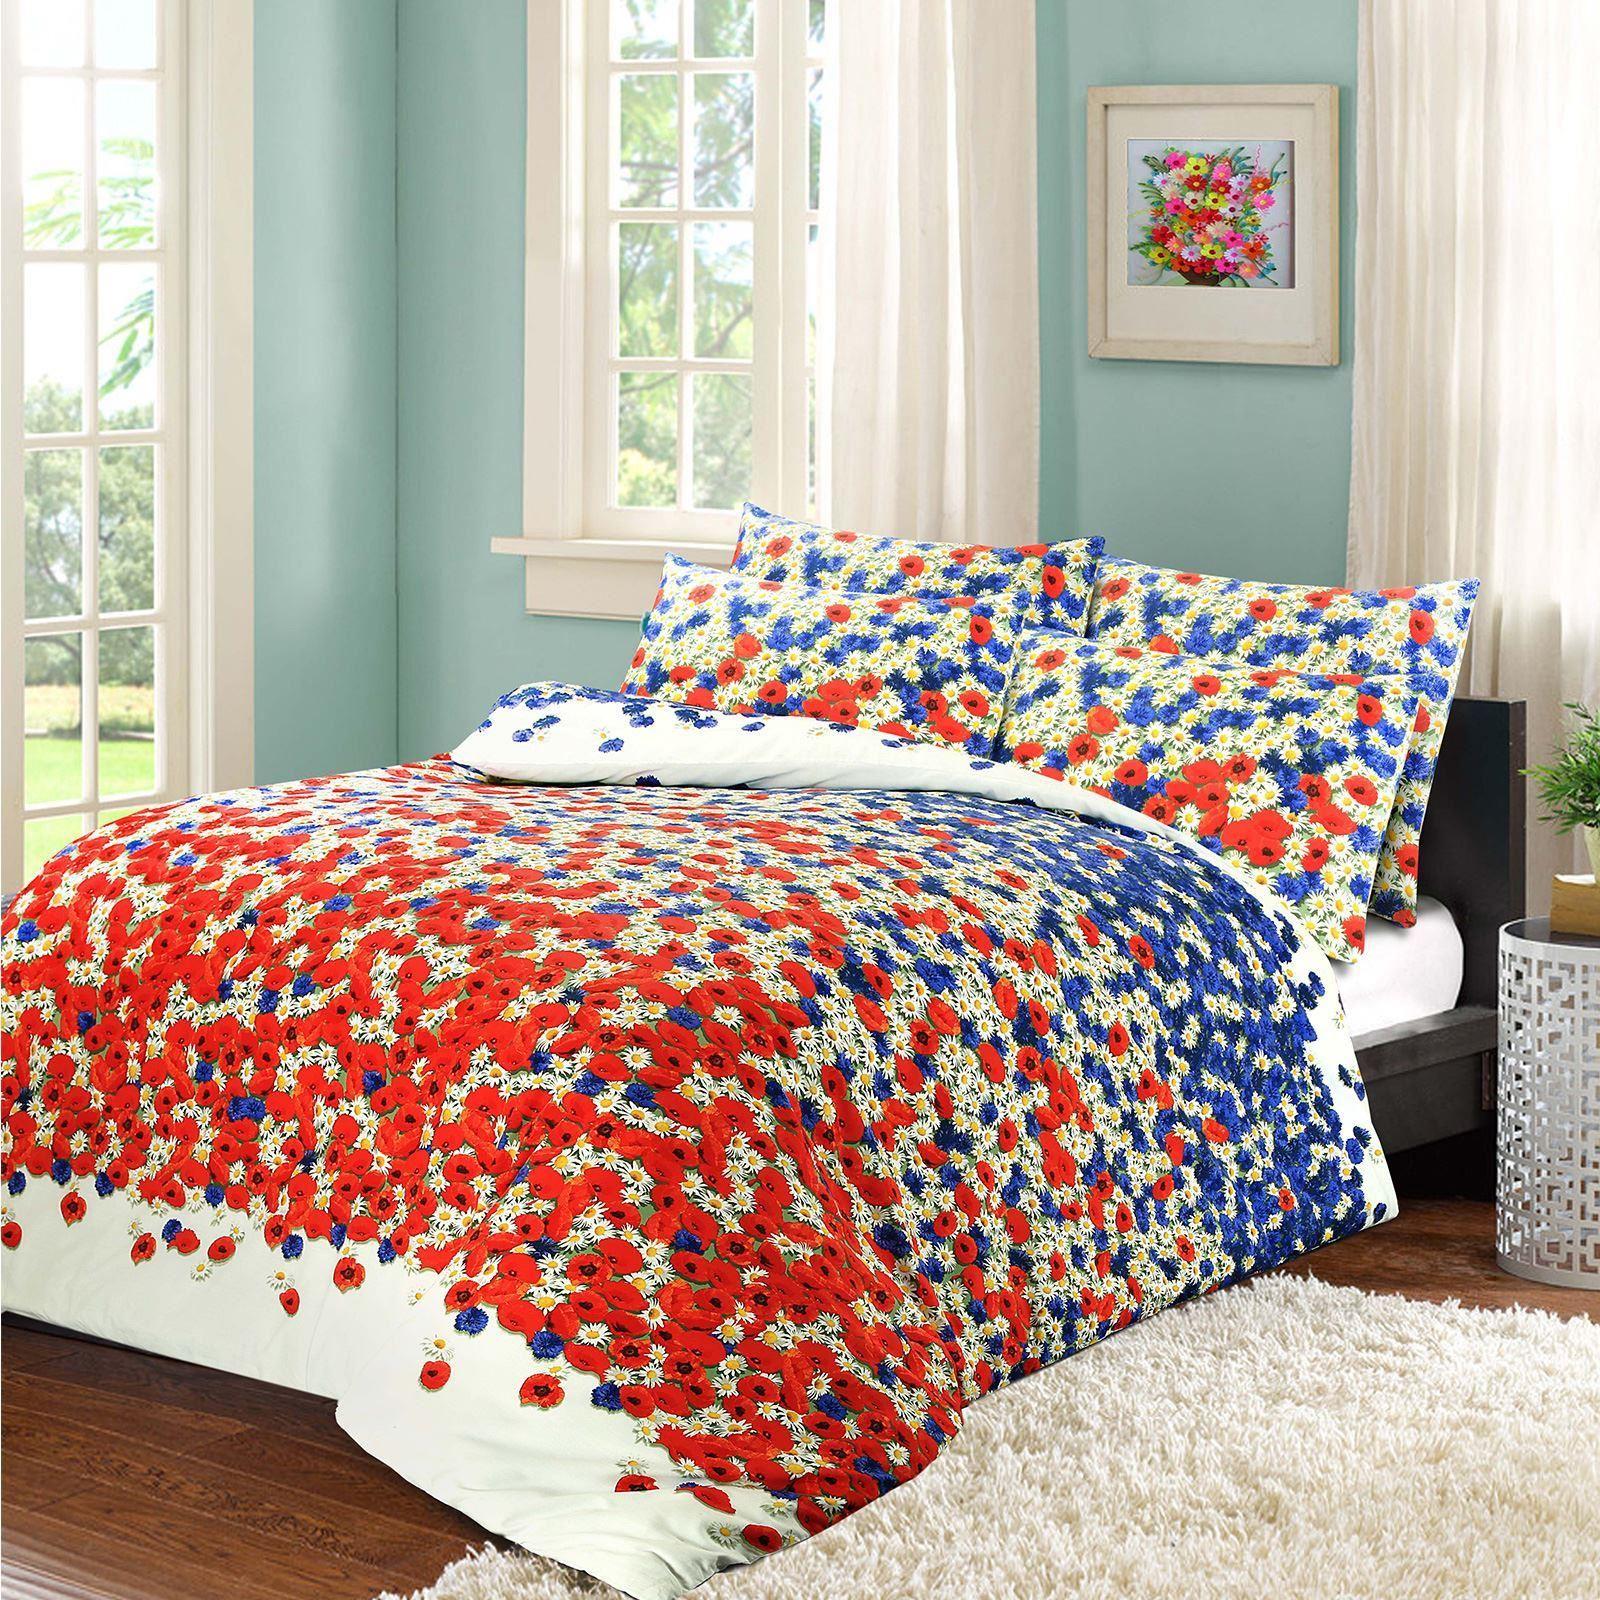 Poppy Cotton Blend Duvet Cover Set Print Floral Flower Colour Bright Red  Blue